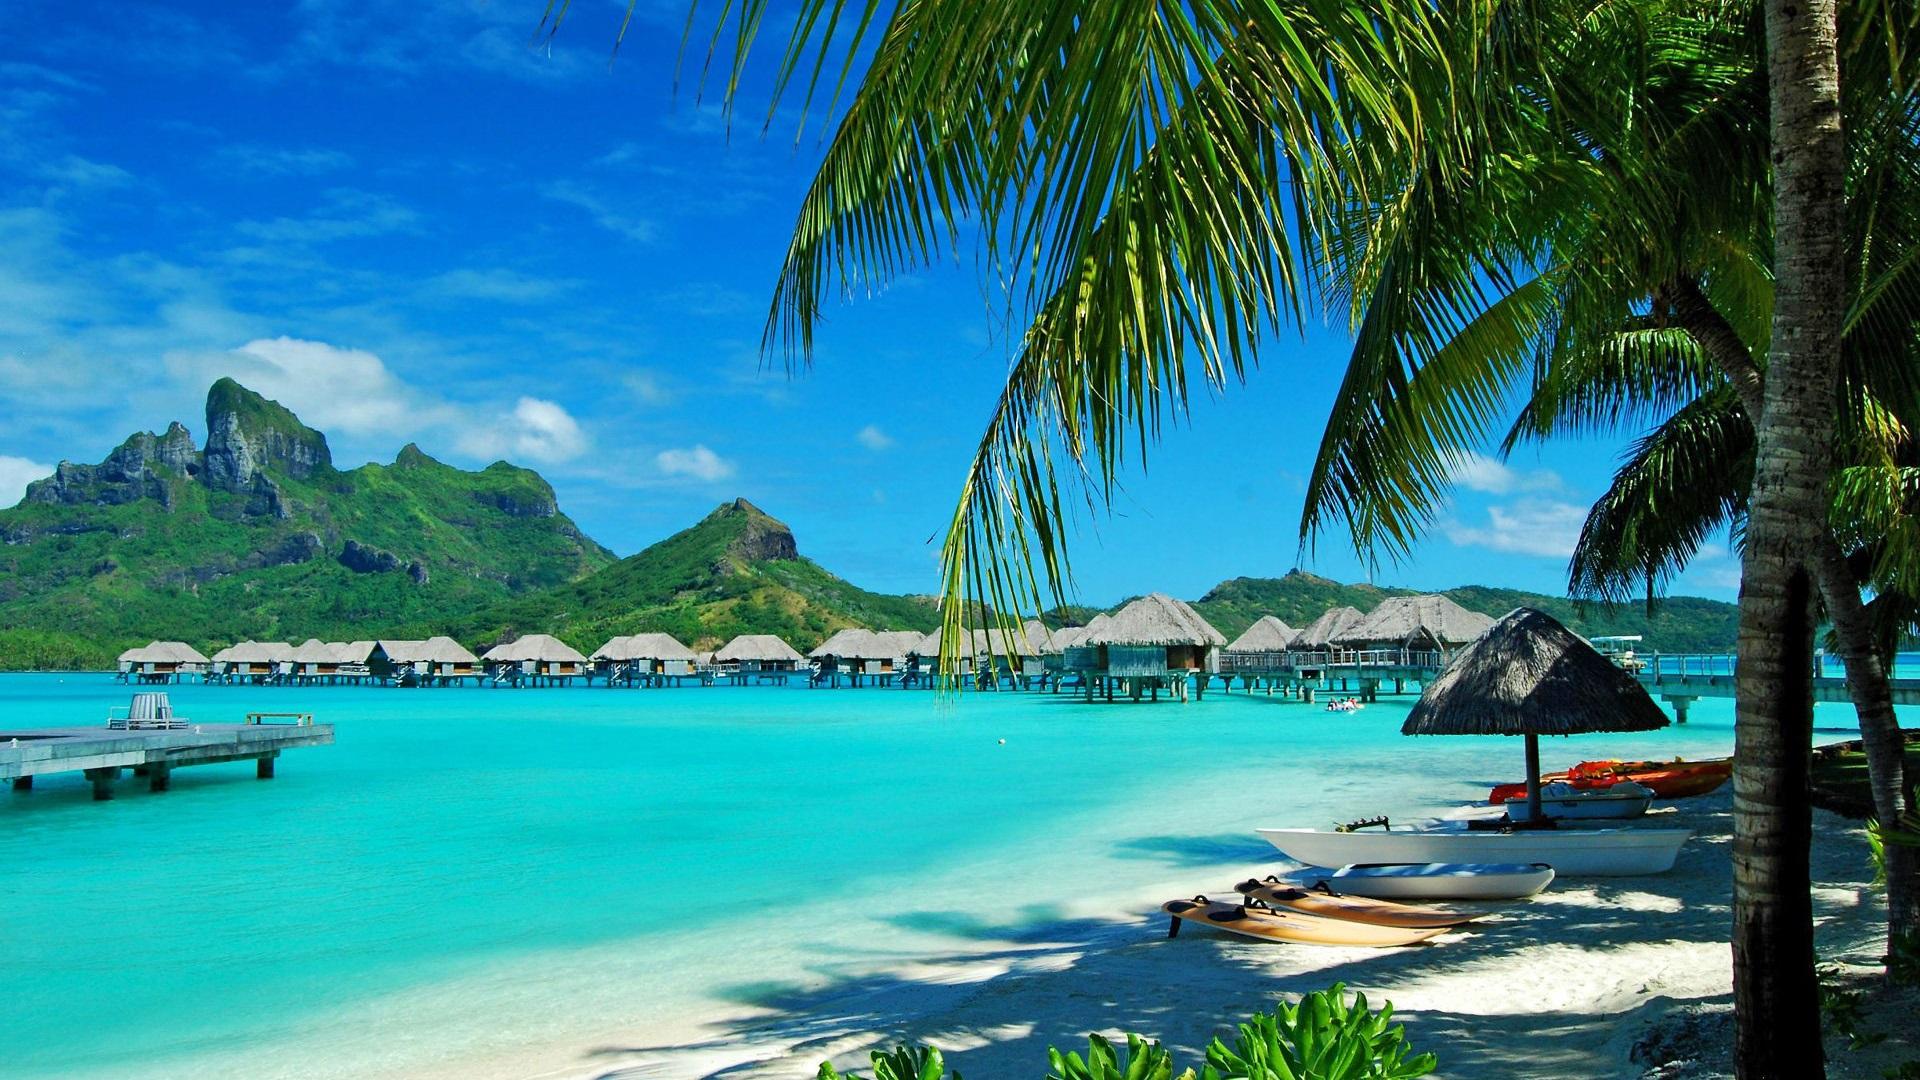 Wallpaper Resort Huts Sea Palm Trees Bora Bora Island French 1920x1200 Hd Picture Image